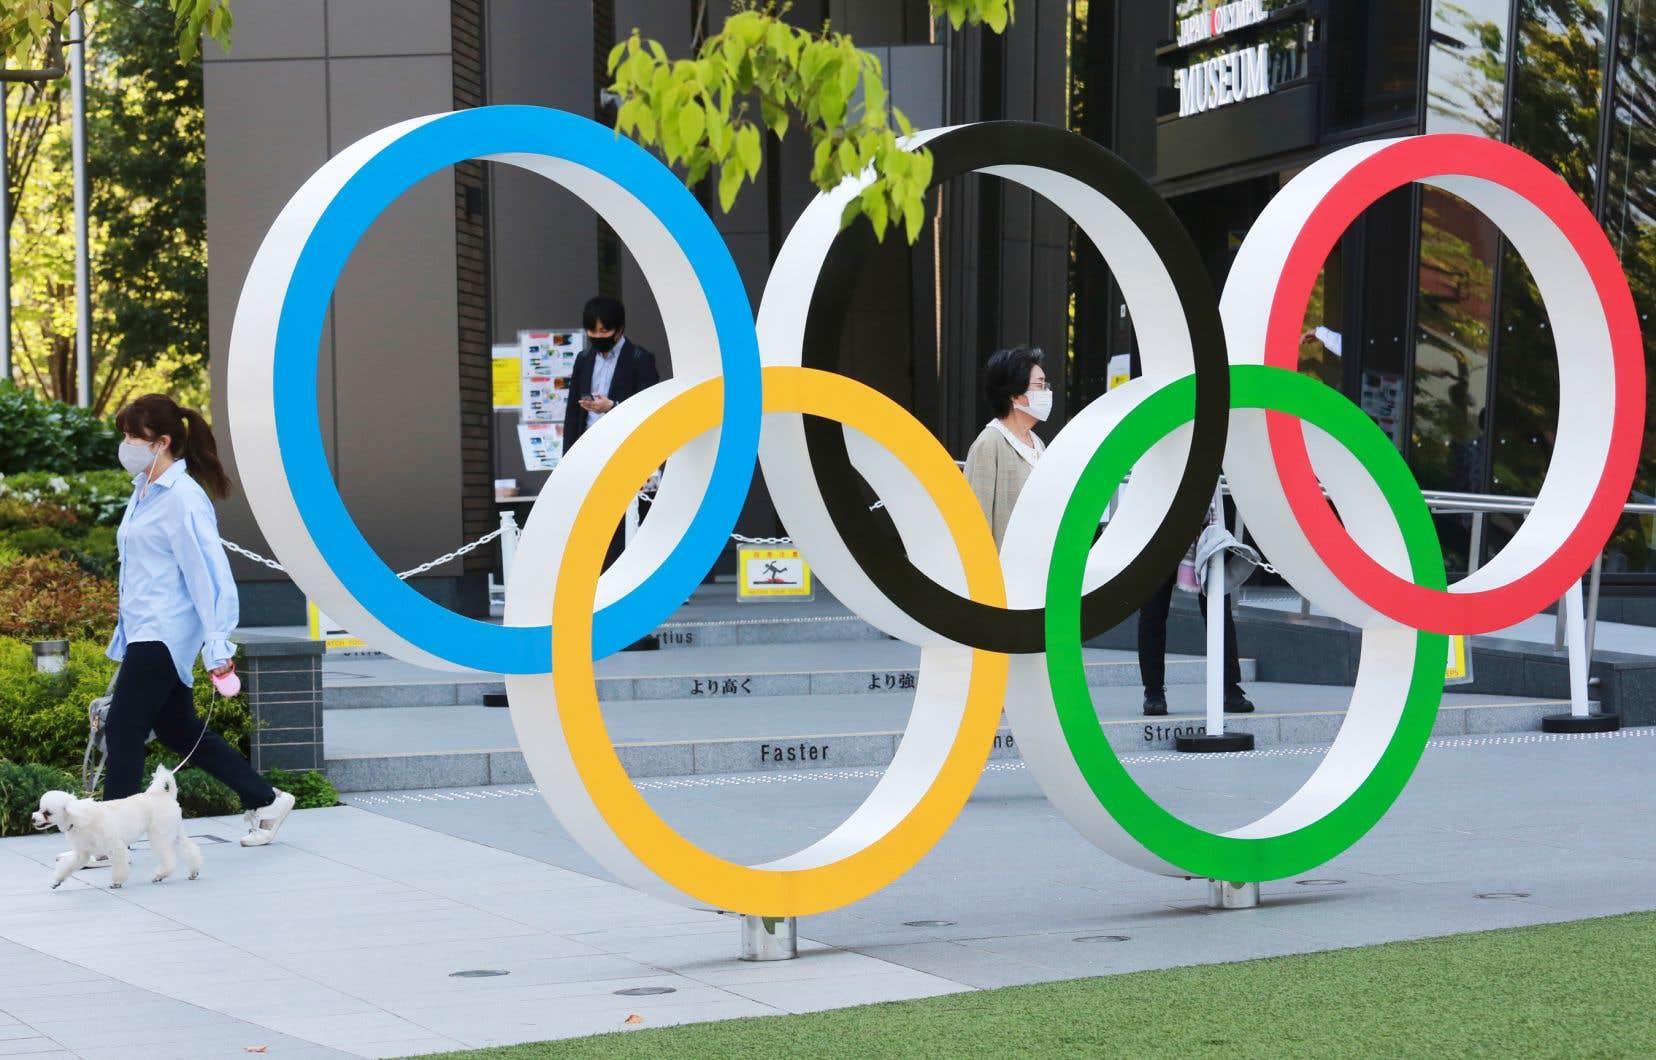 Le guide pour les athlètes devrait être mis à jour mercredi, tandis que tous les autres — incluant celui pour les journalistes — seront rendus publics vendredi.